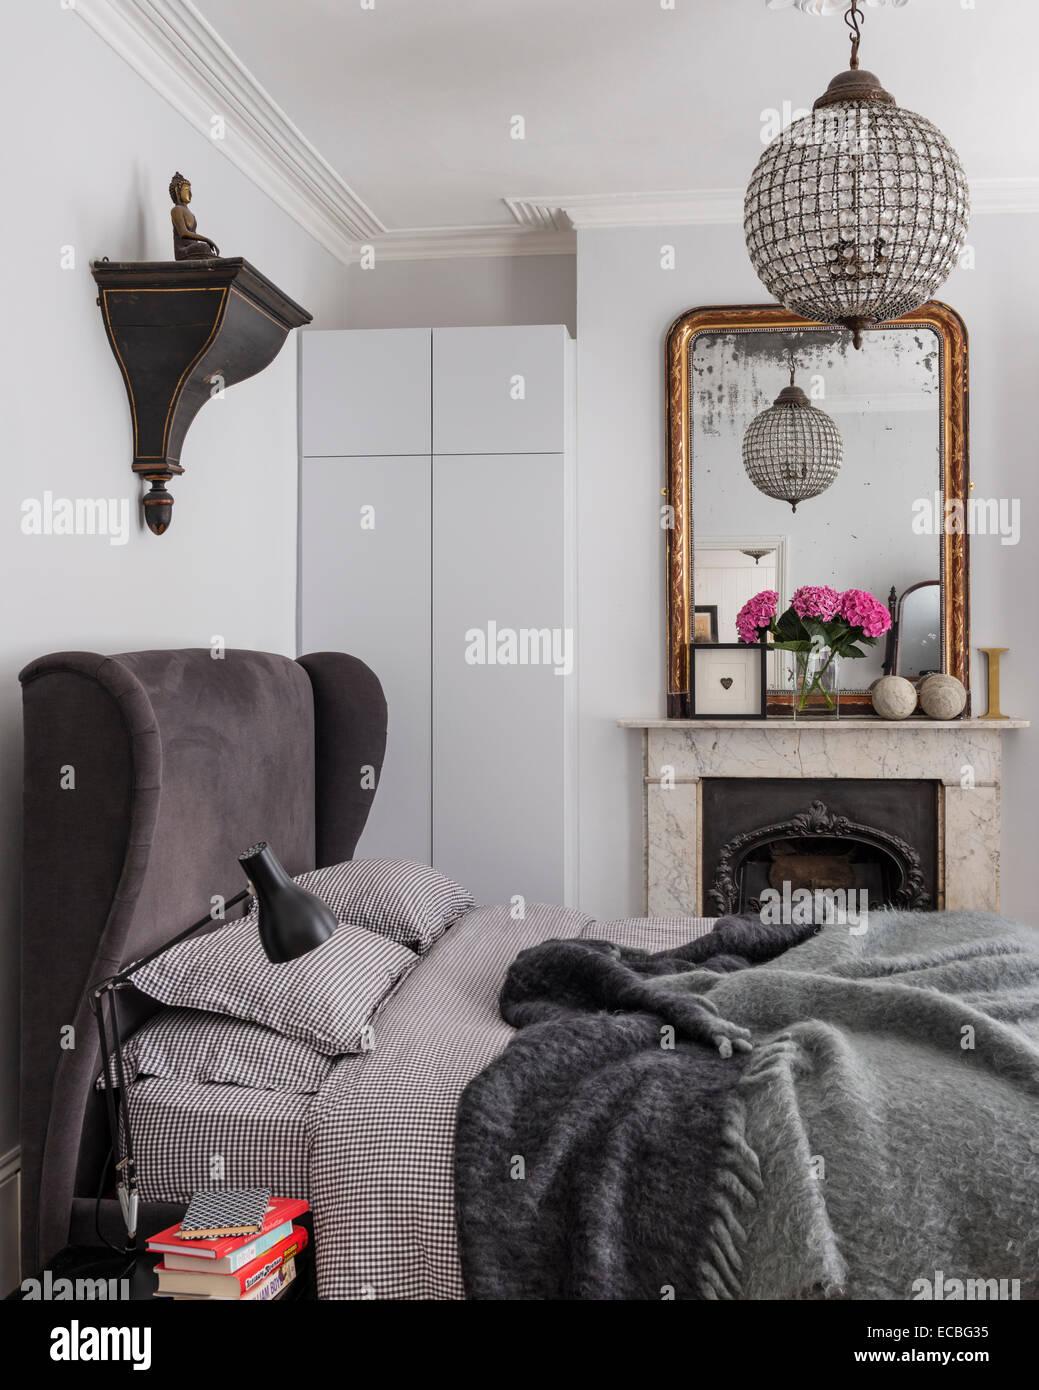 Cama tapizados de lujo de sofa.com en dormitorio con chimenea original, almacenamiento incorporado y culpa espejo Imagen De Stock